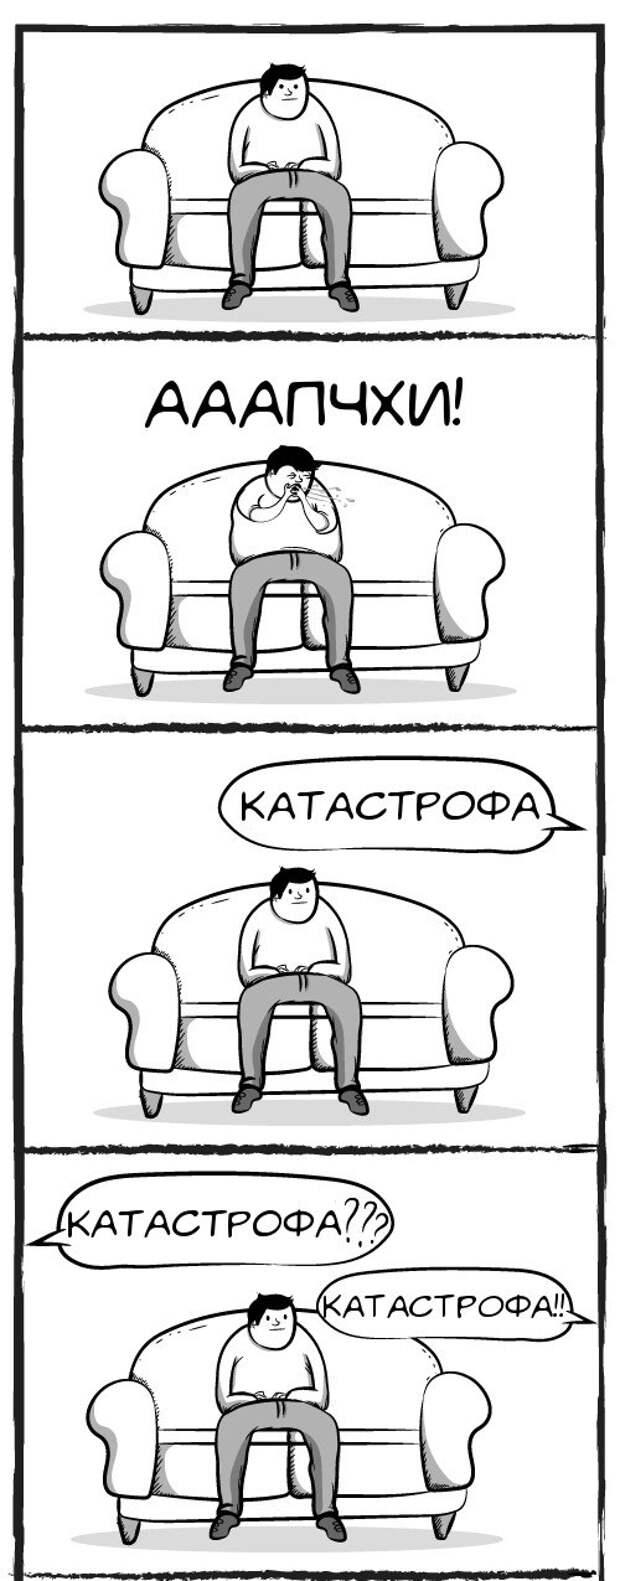 Комиксы, которые заставят смеяться любого собачника